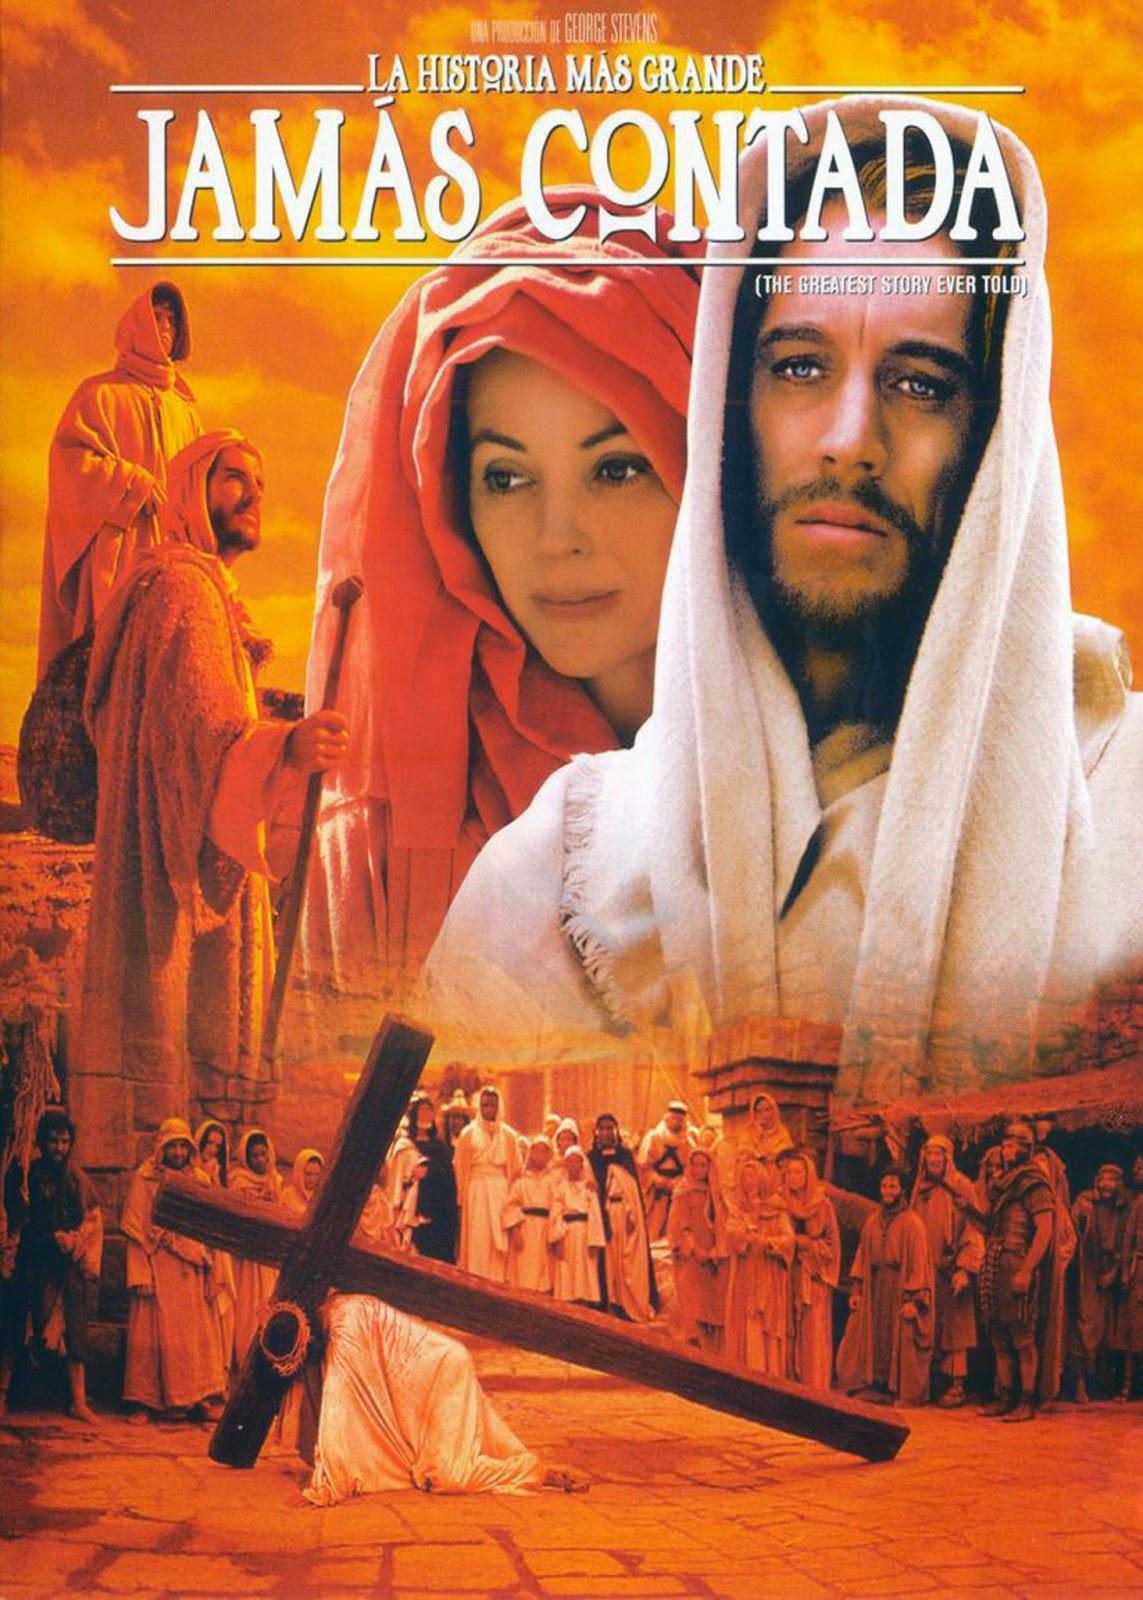 La historia más grande jamás contada (1965)